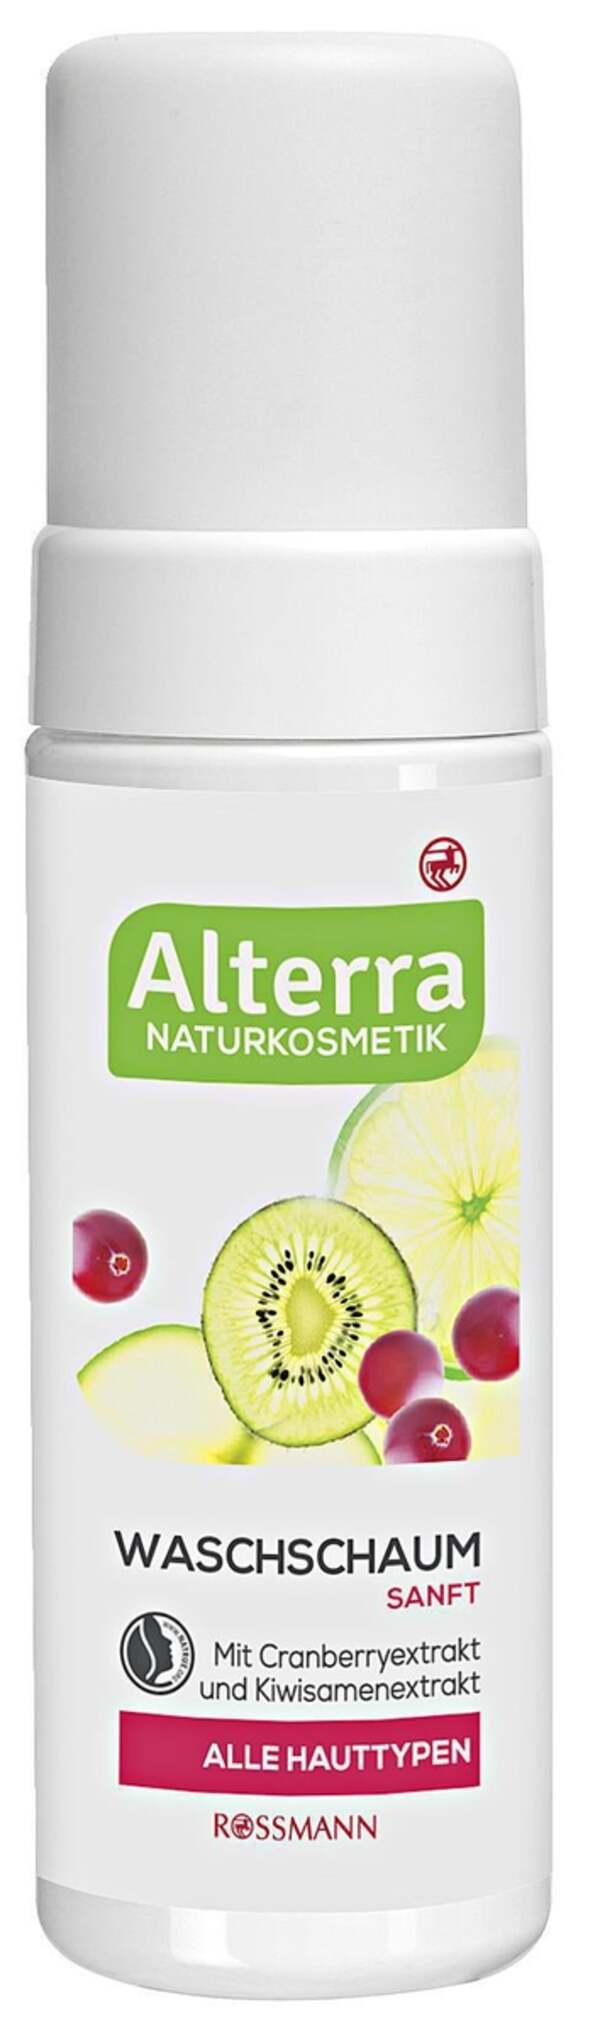 Alterra Waschschaum Sanft 1.30 EUR/ 100 ml